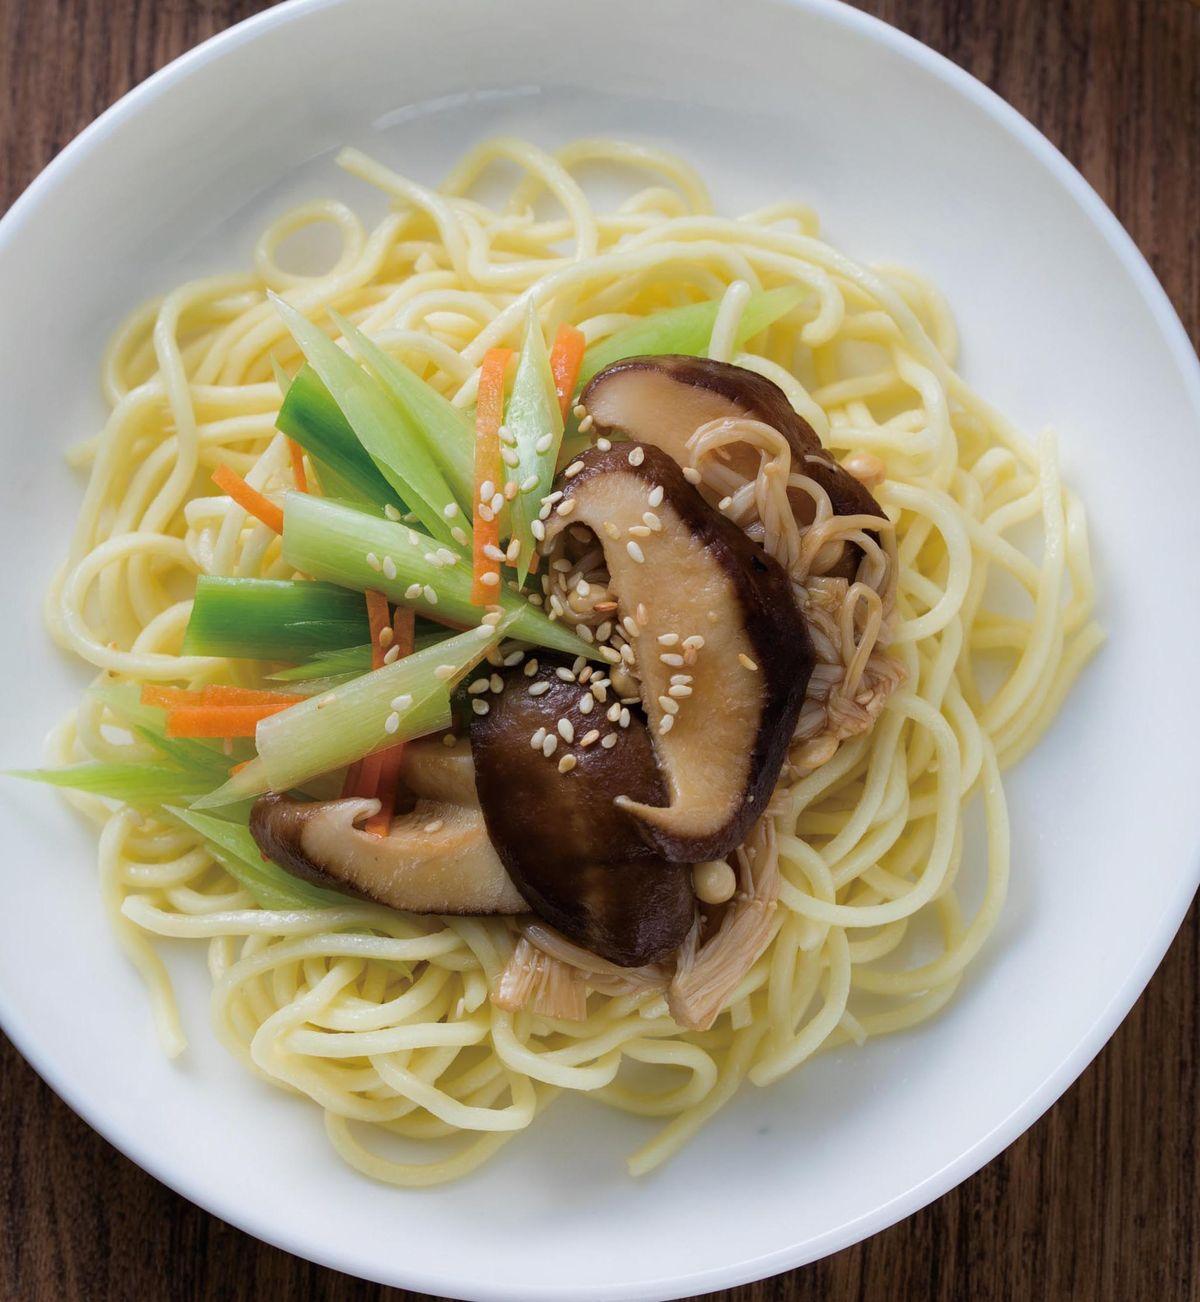 食譜:碧玉鮮菇拌麵